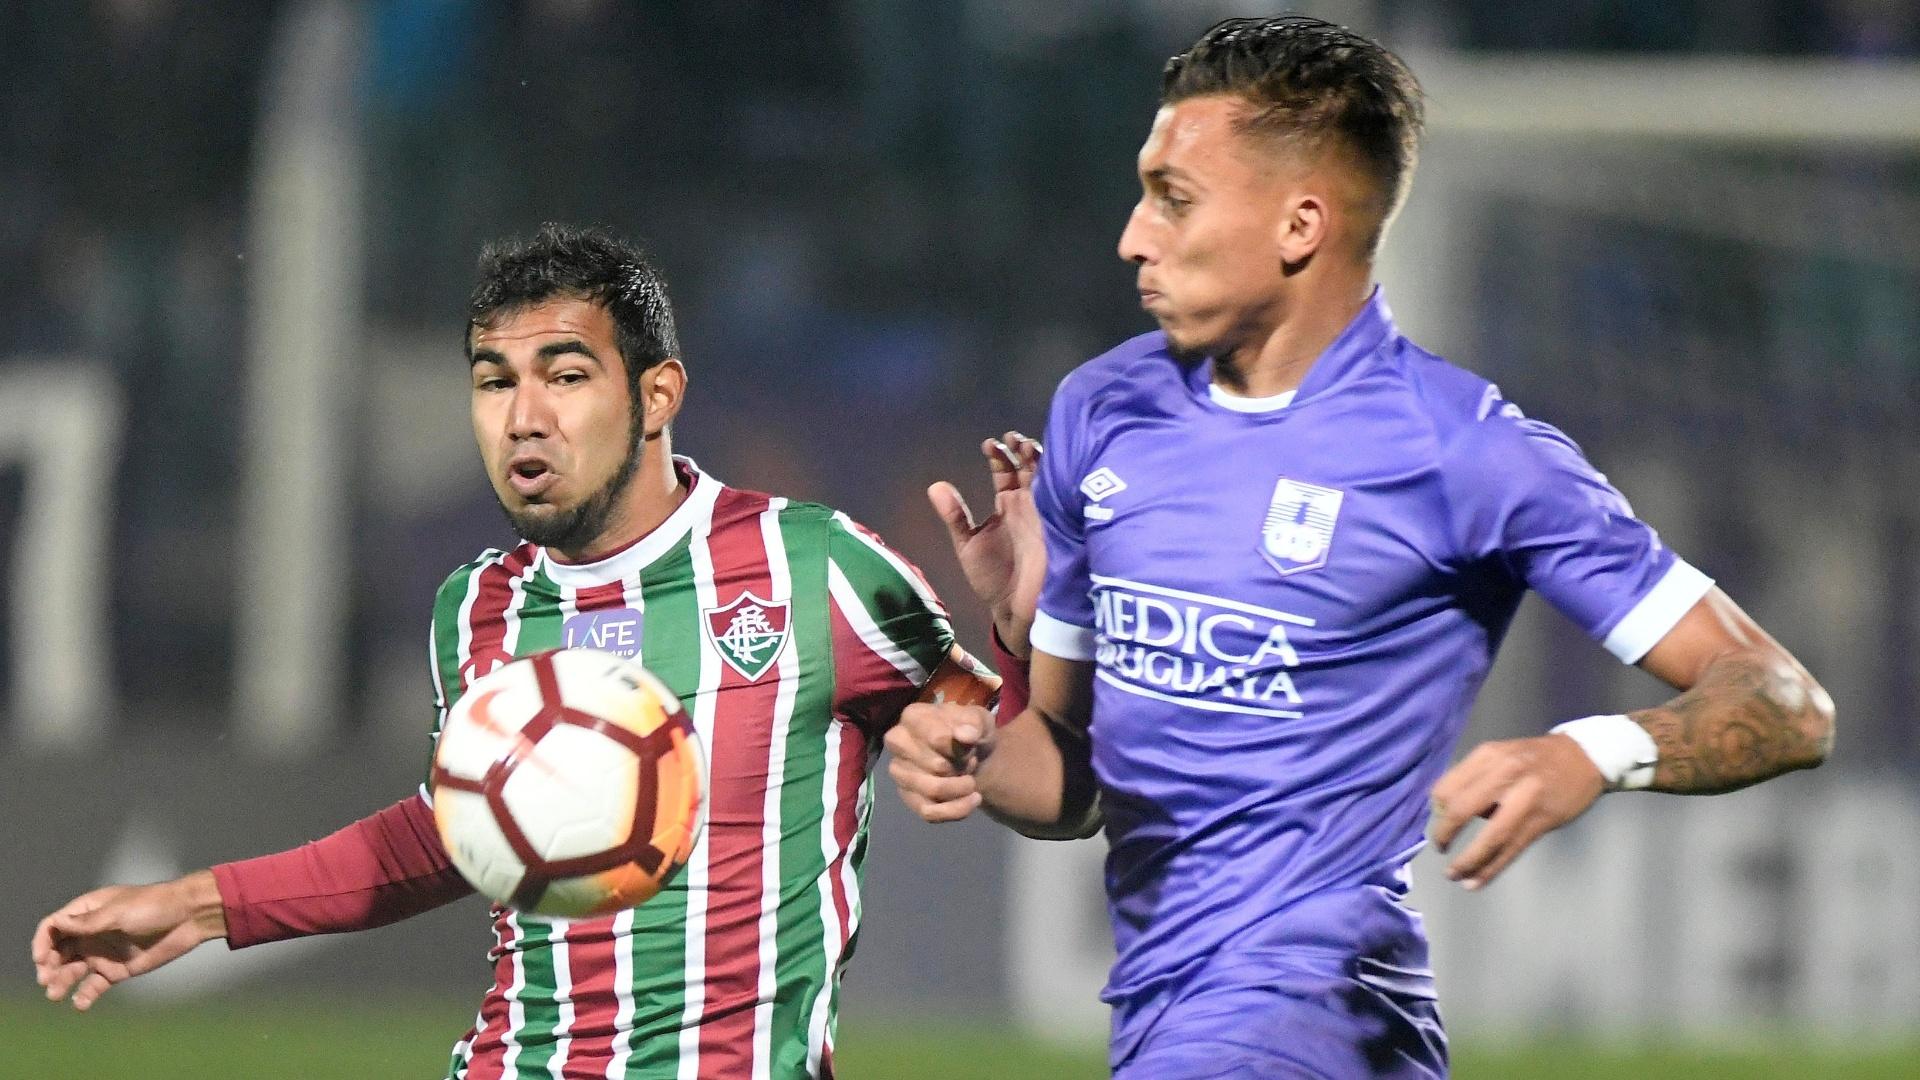 Sornoza disputa a bola com Mathias Suarez no jogo entre Defensor e Fluminense